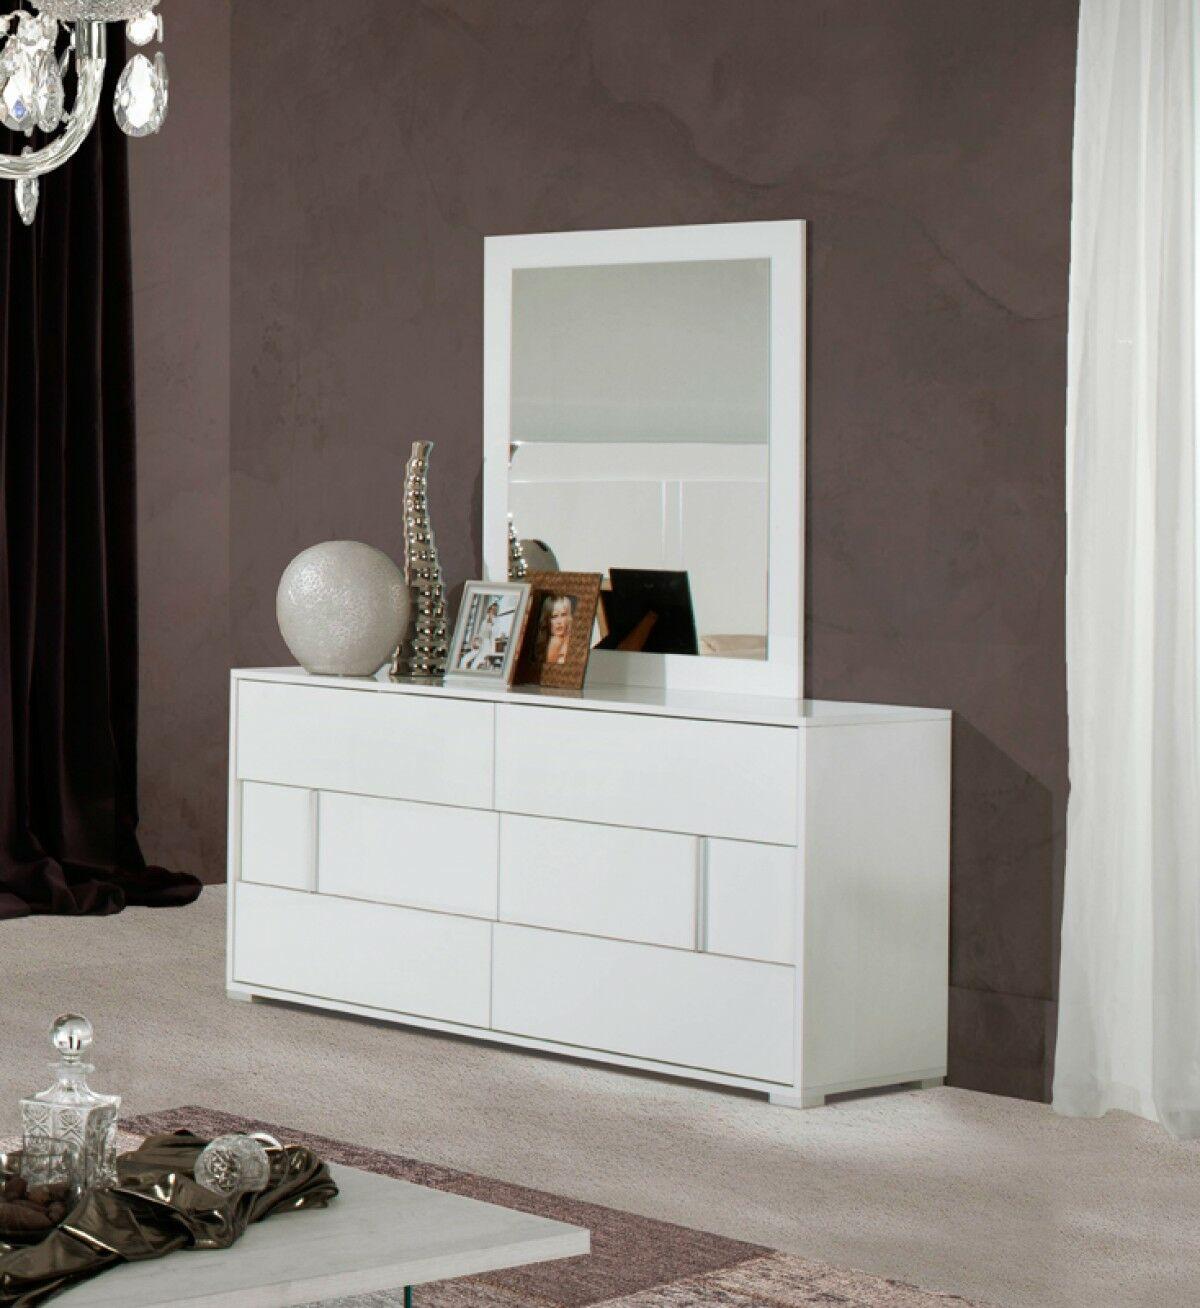 Dority 5 Piece Bedroom Set Size: King